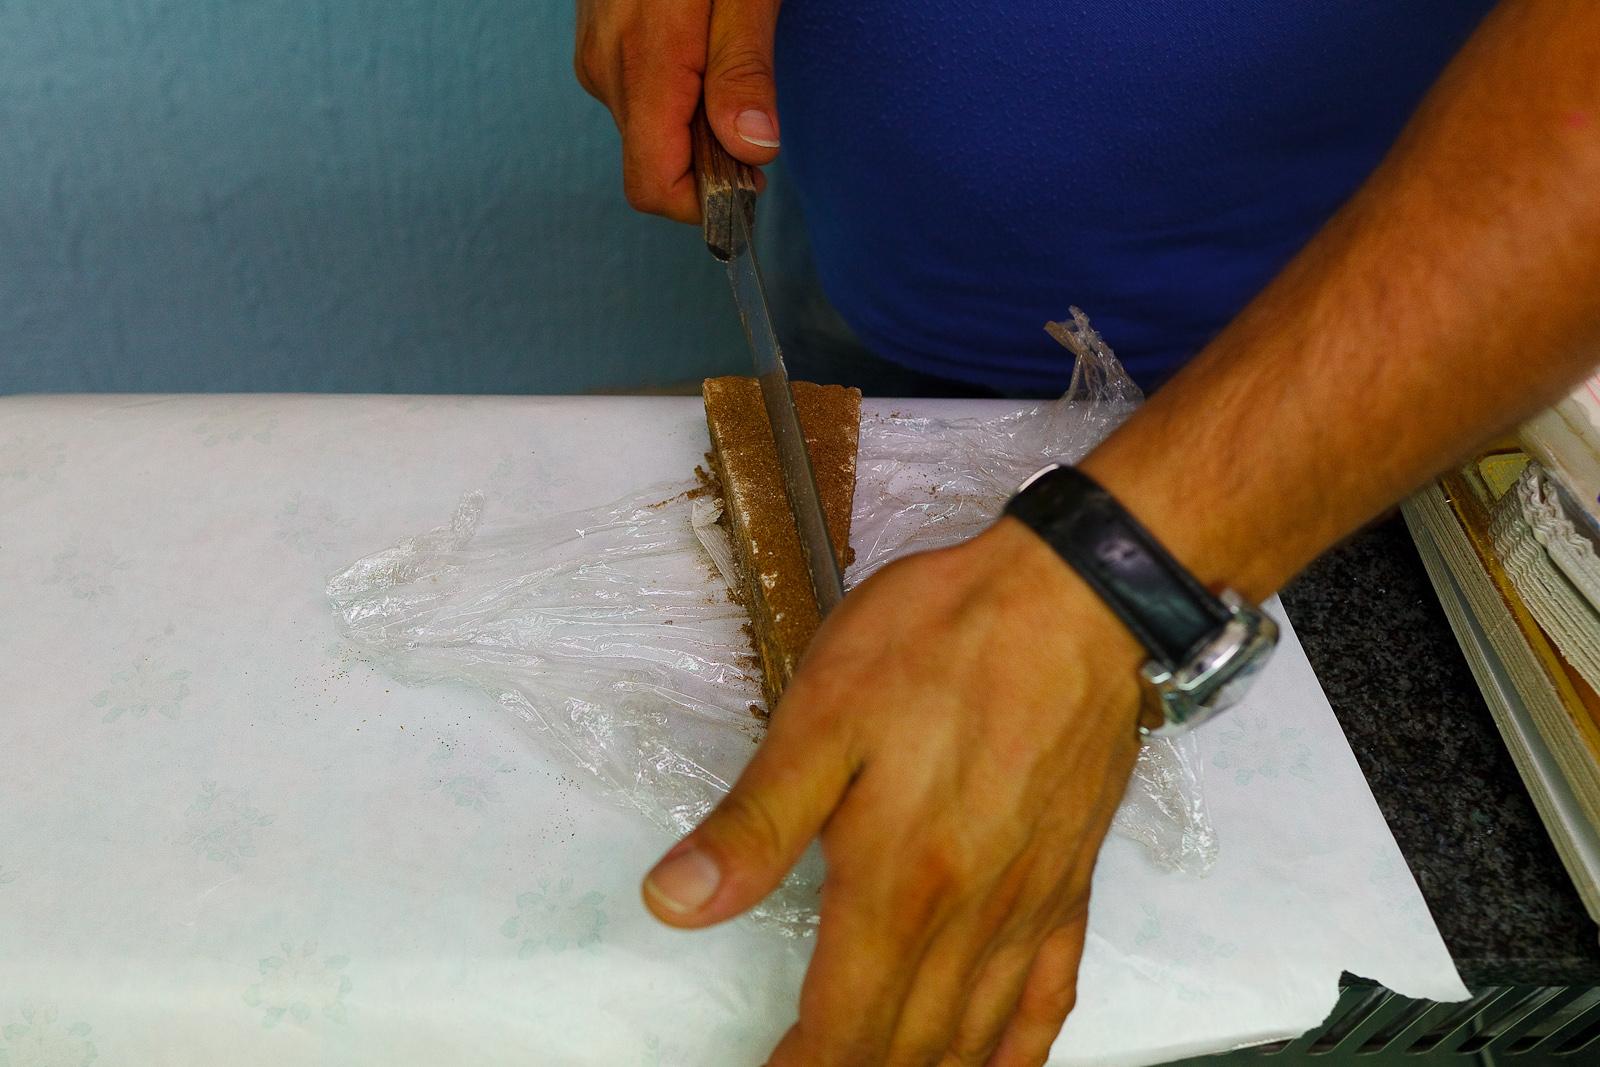 Slicing panpepato